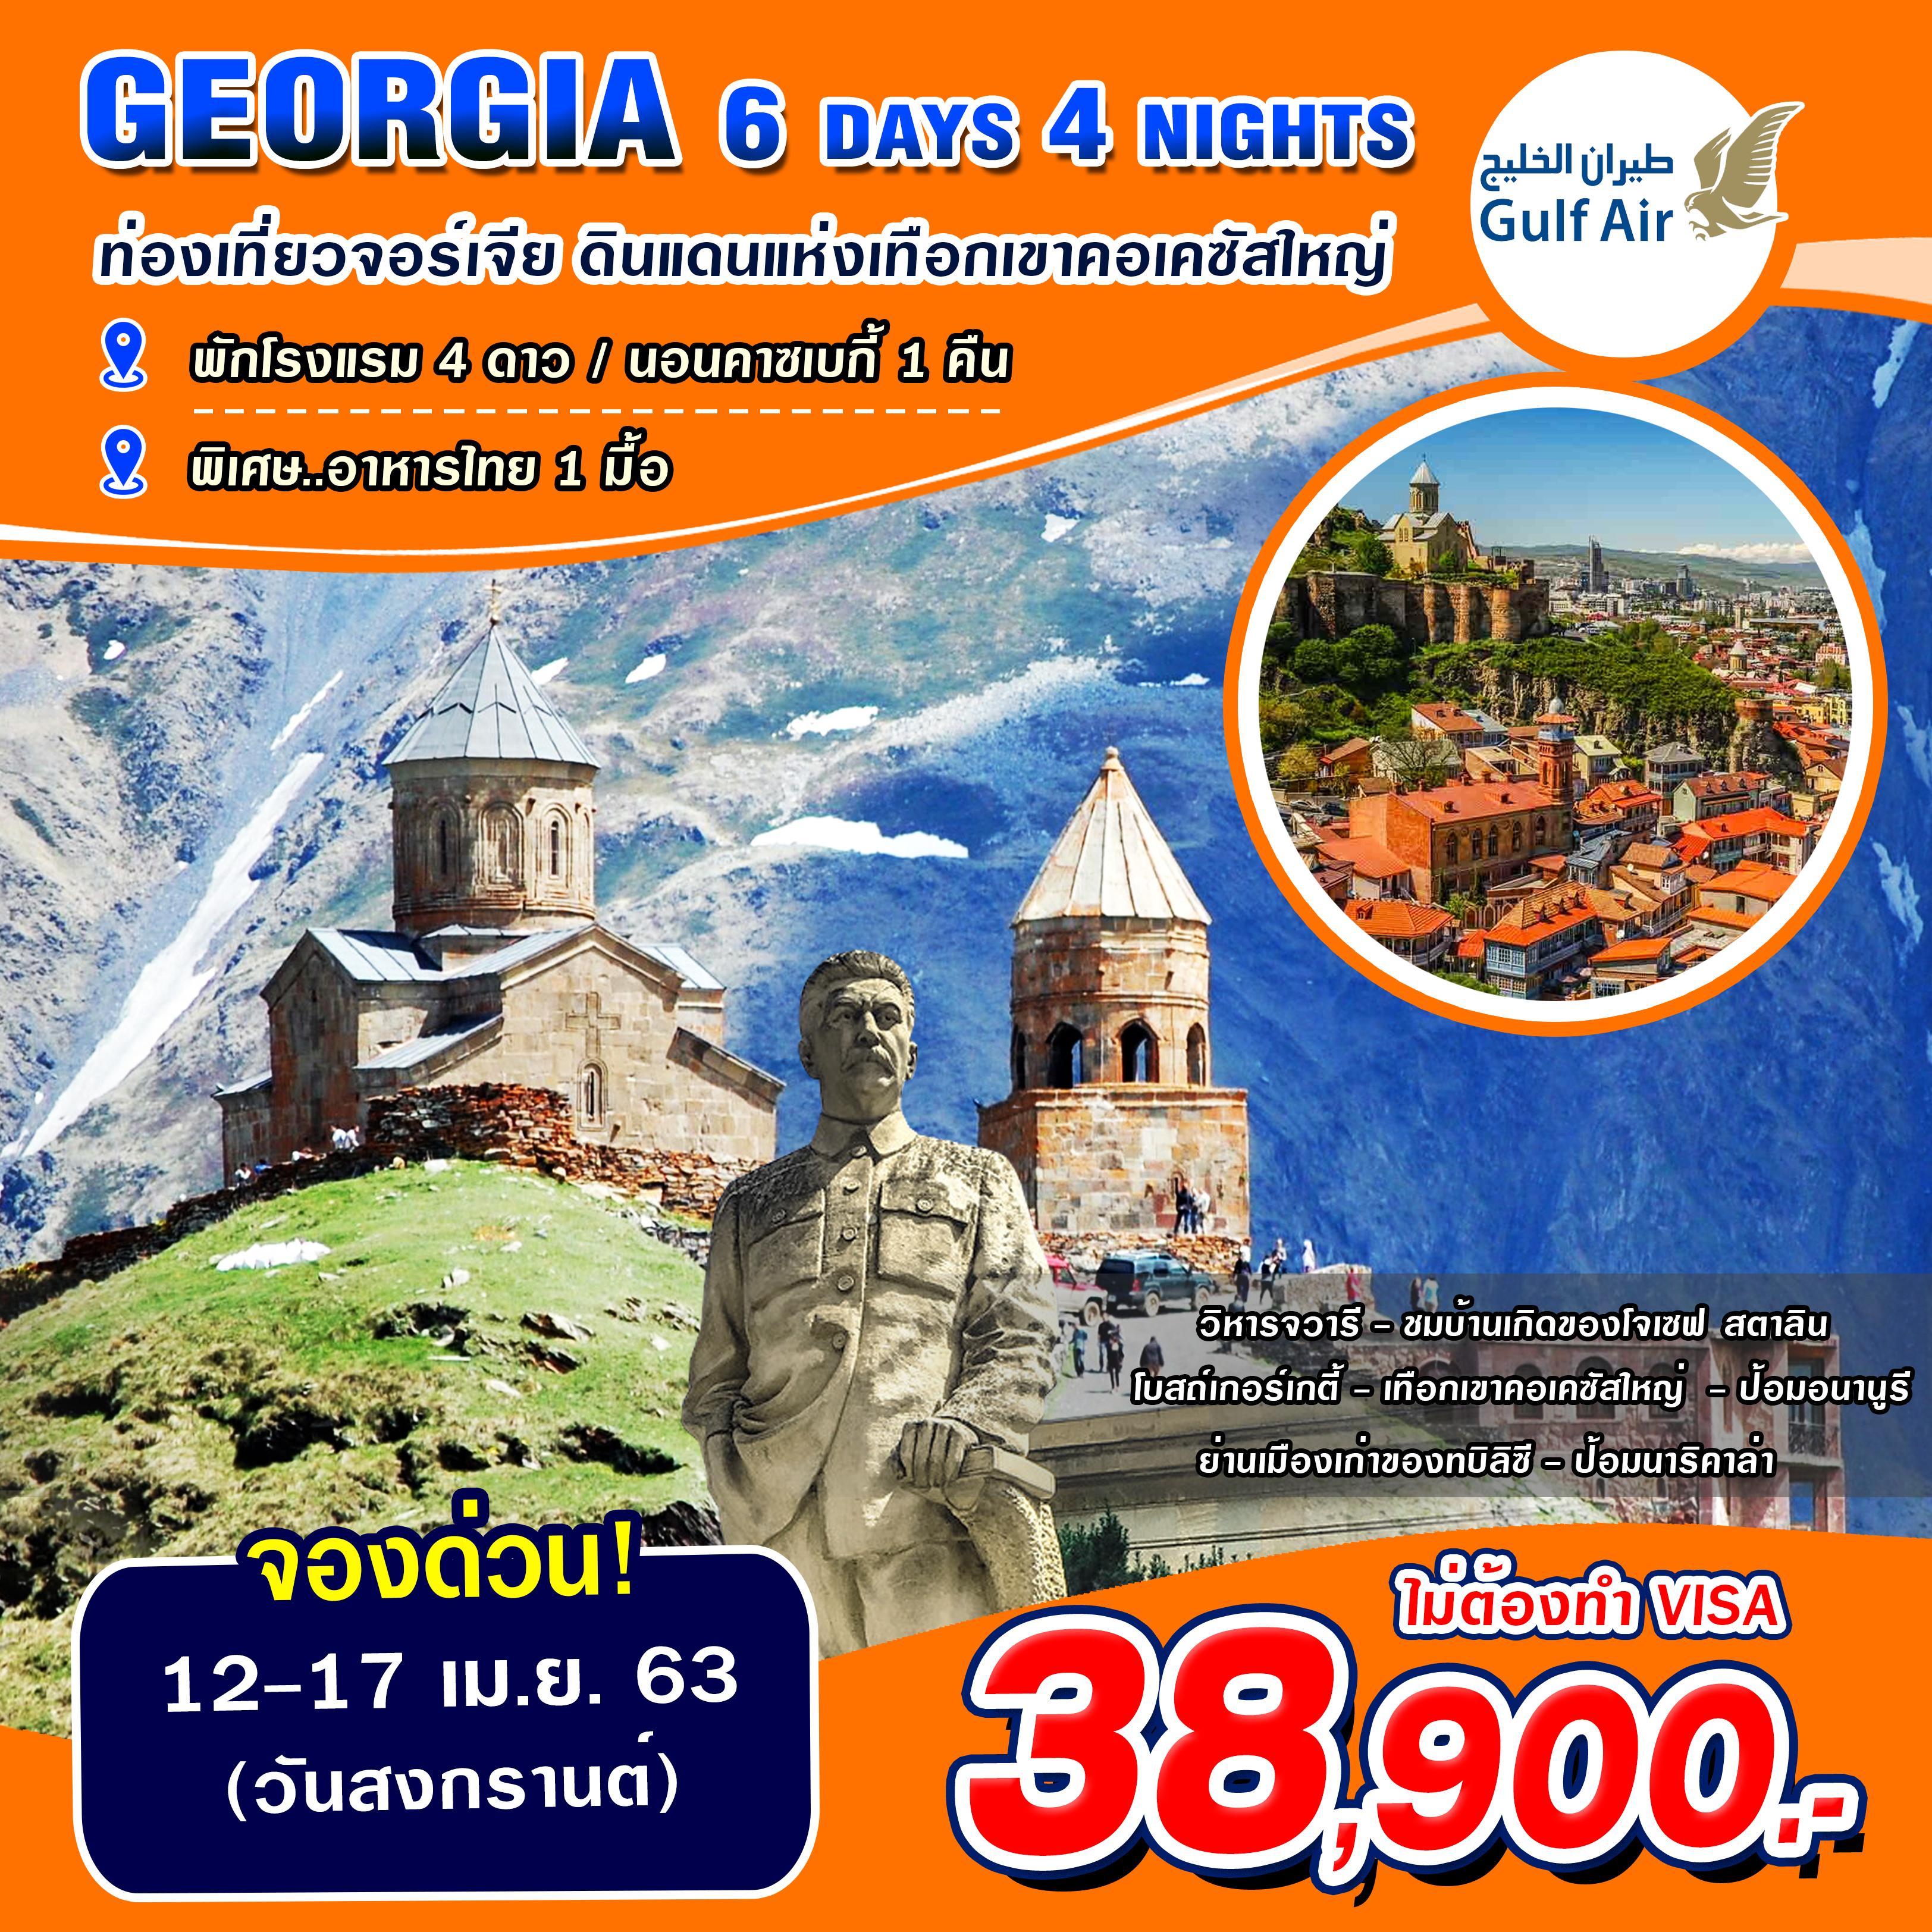 จอร์เจีย ดินแดนแห่งเทือกเขาคอเคซัสใหญ่ 6 วัน 4 คืน